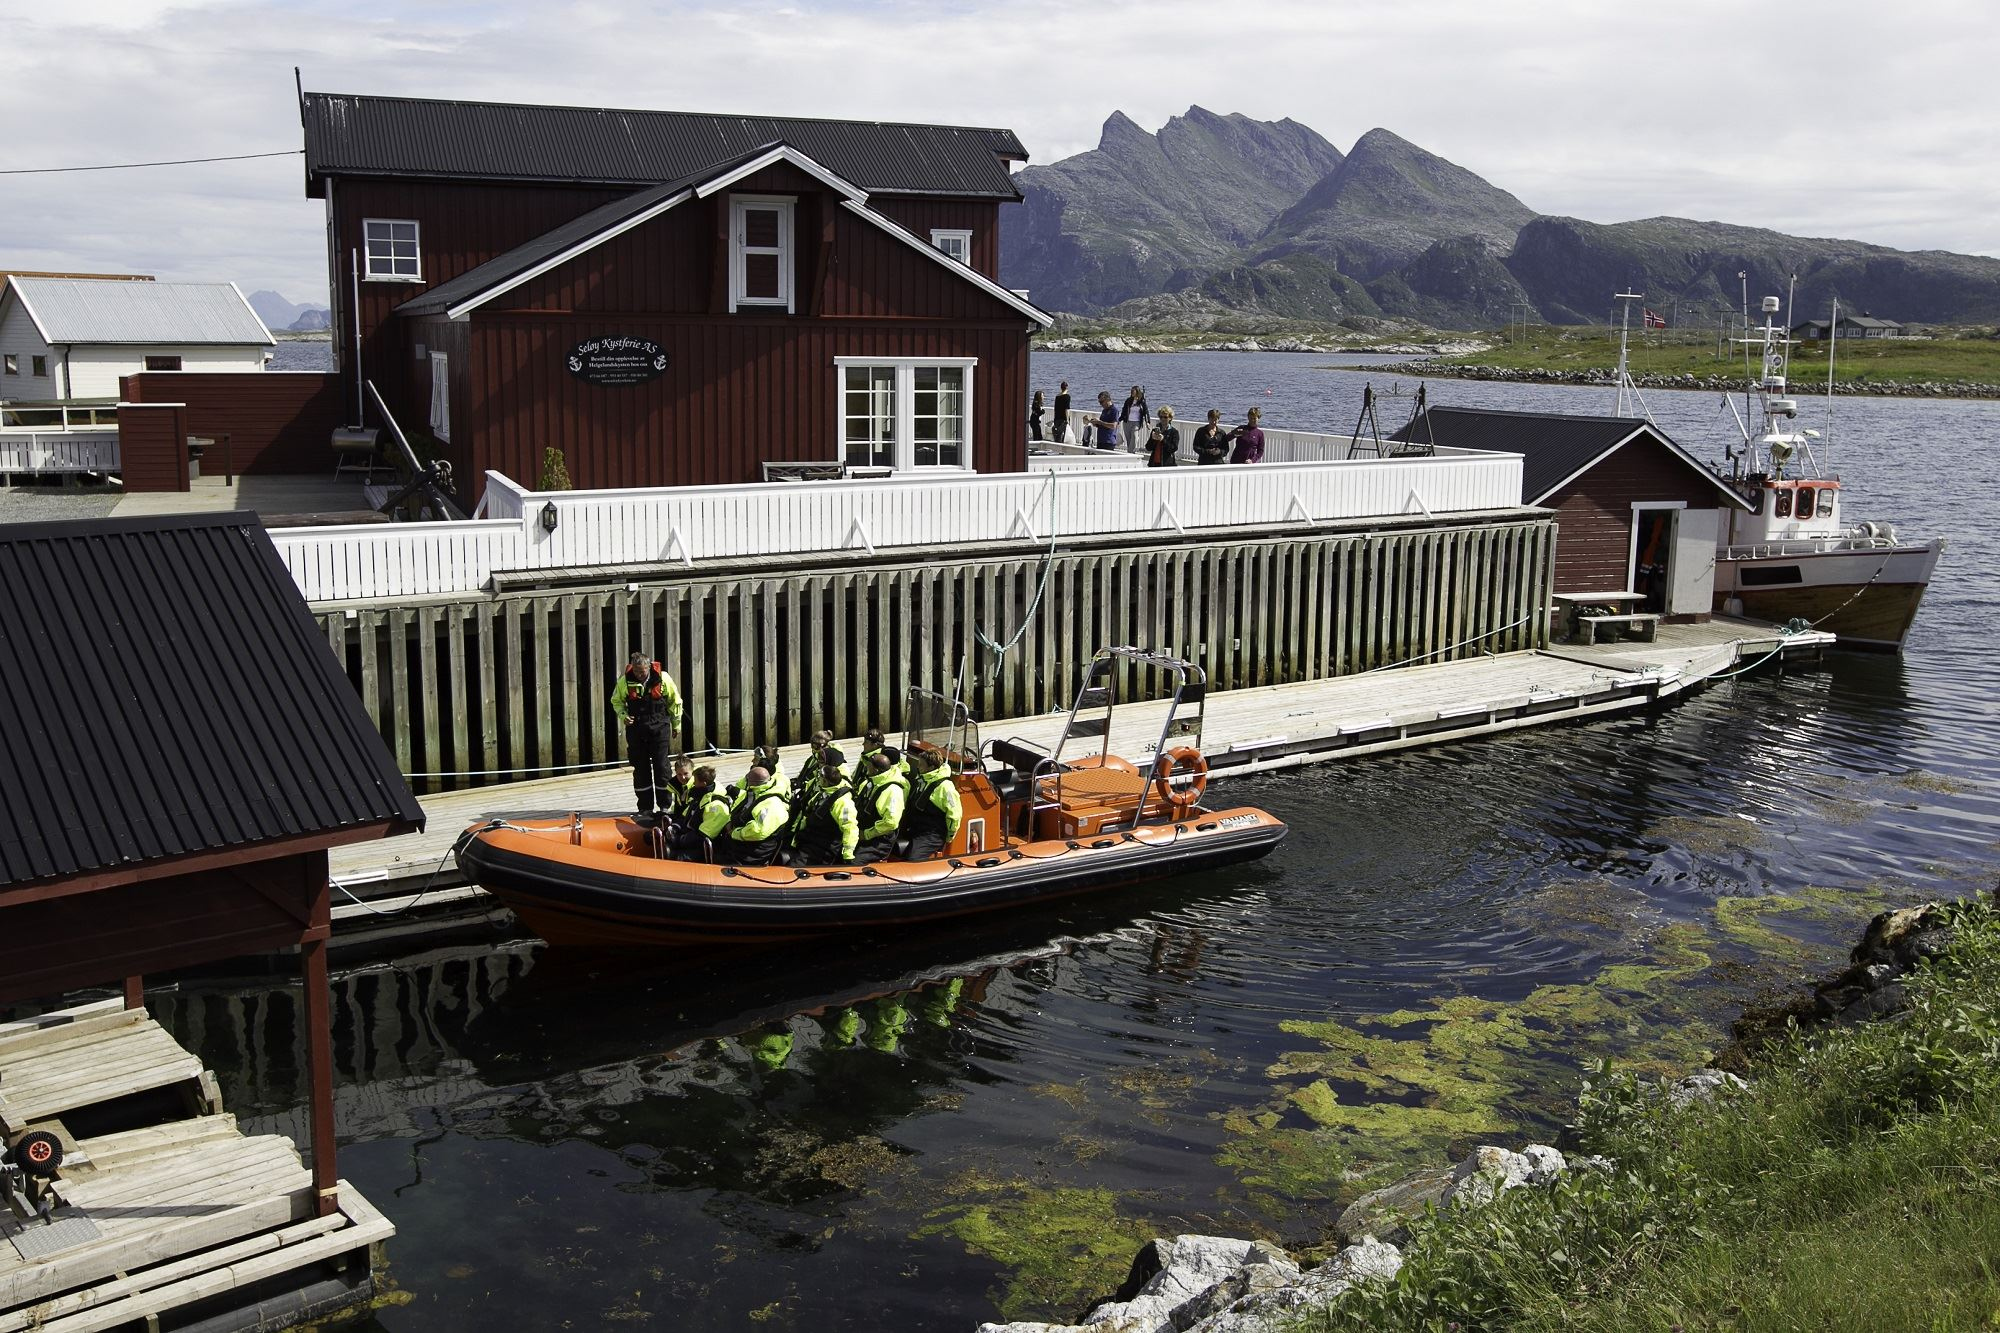 © Seløy Kystferie, Seløy Kystferie